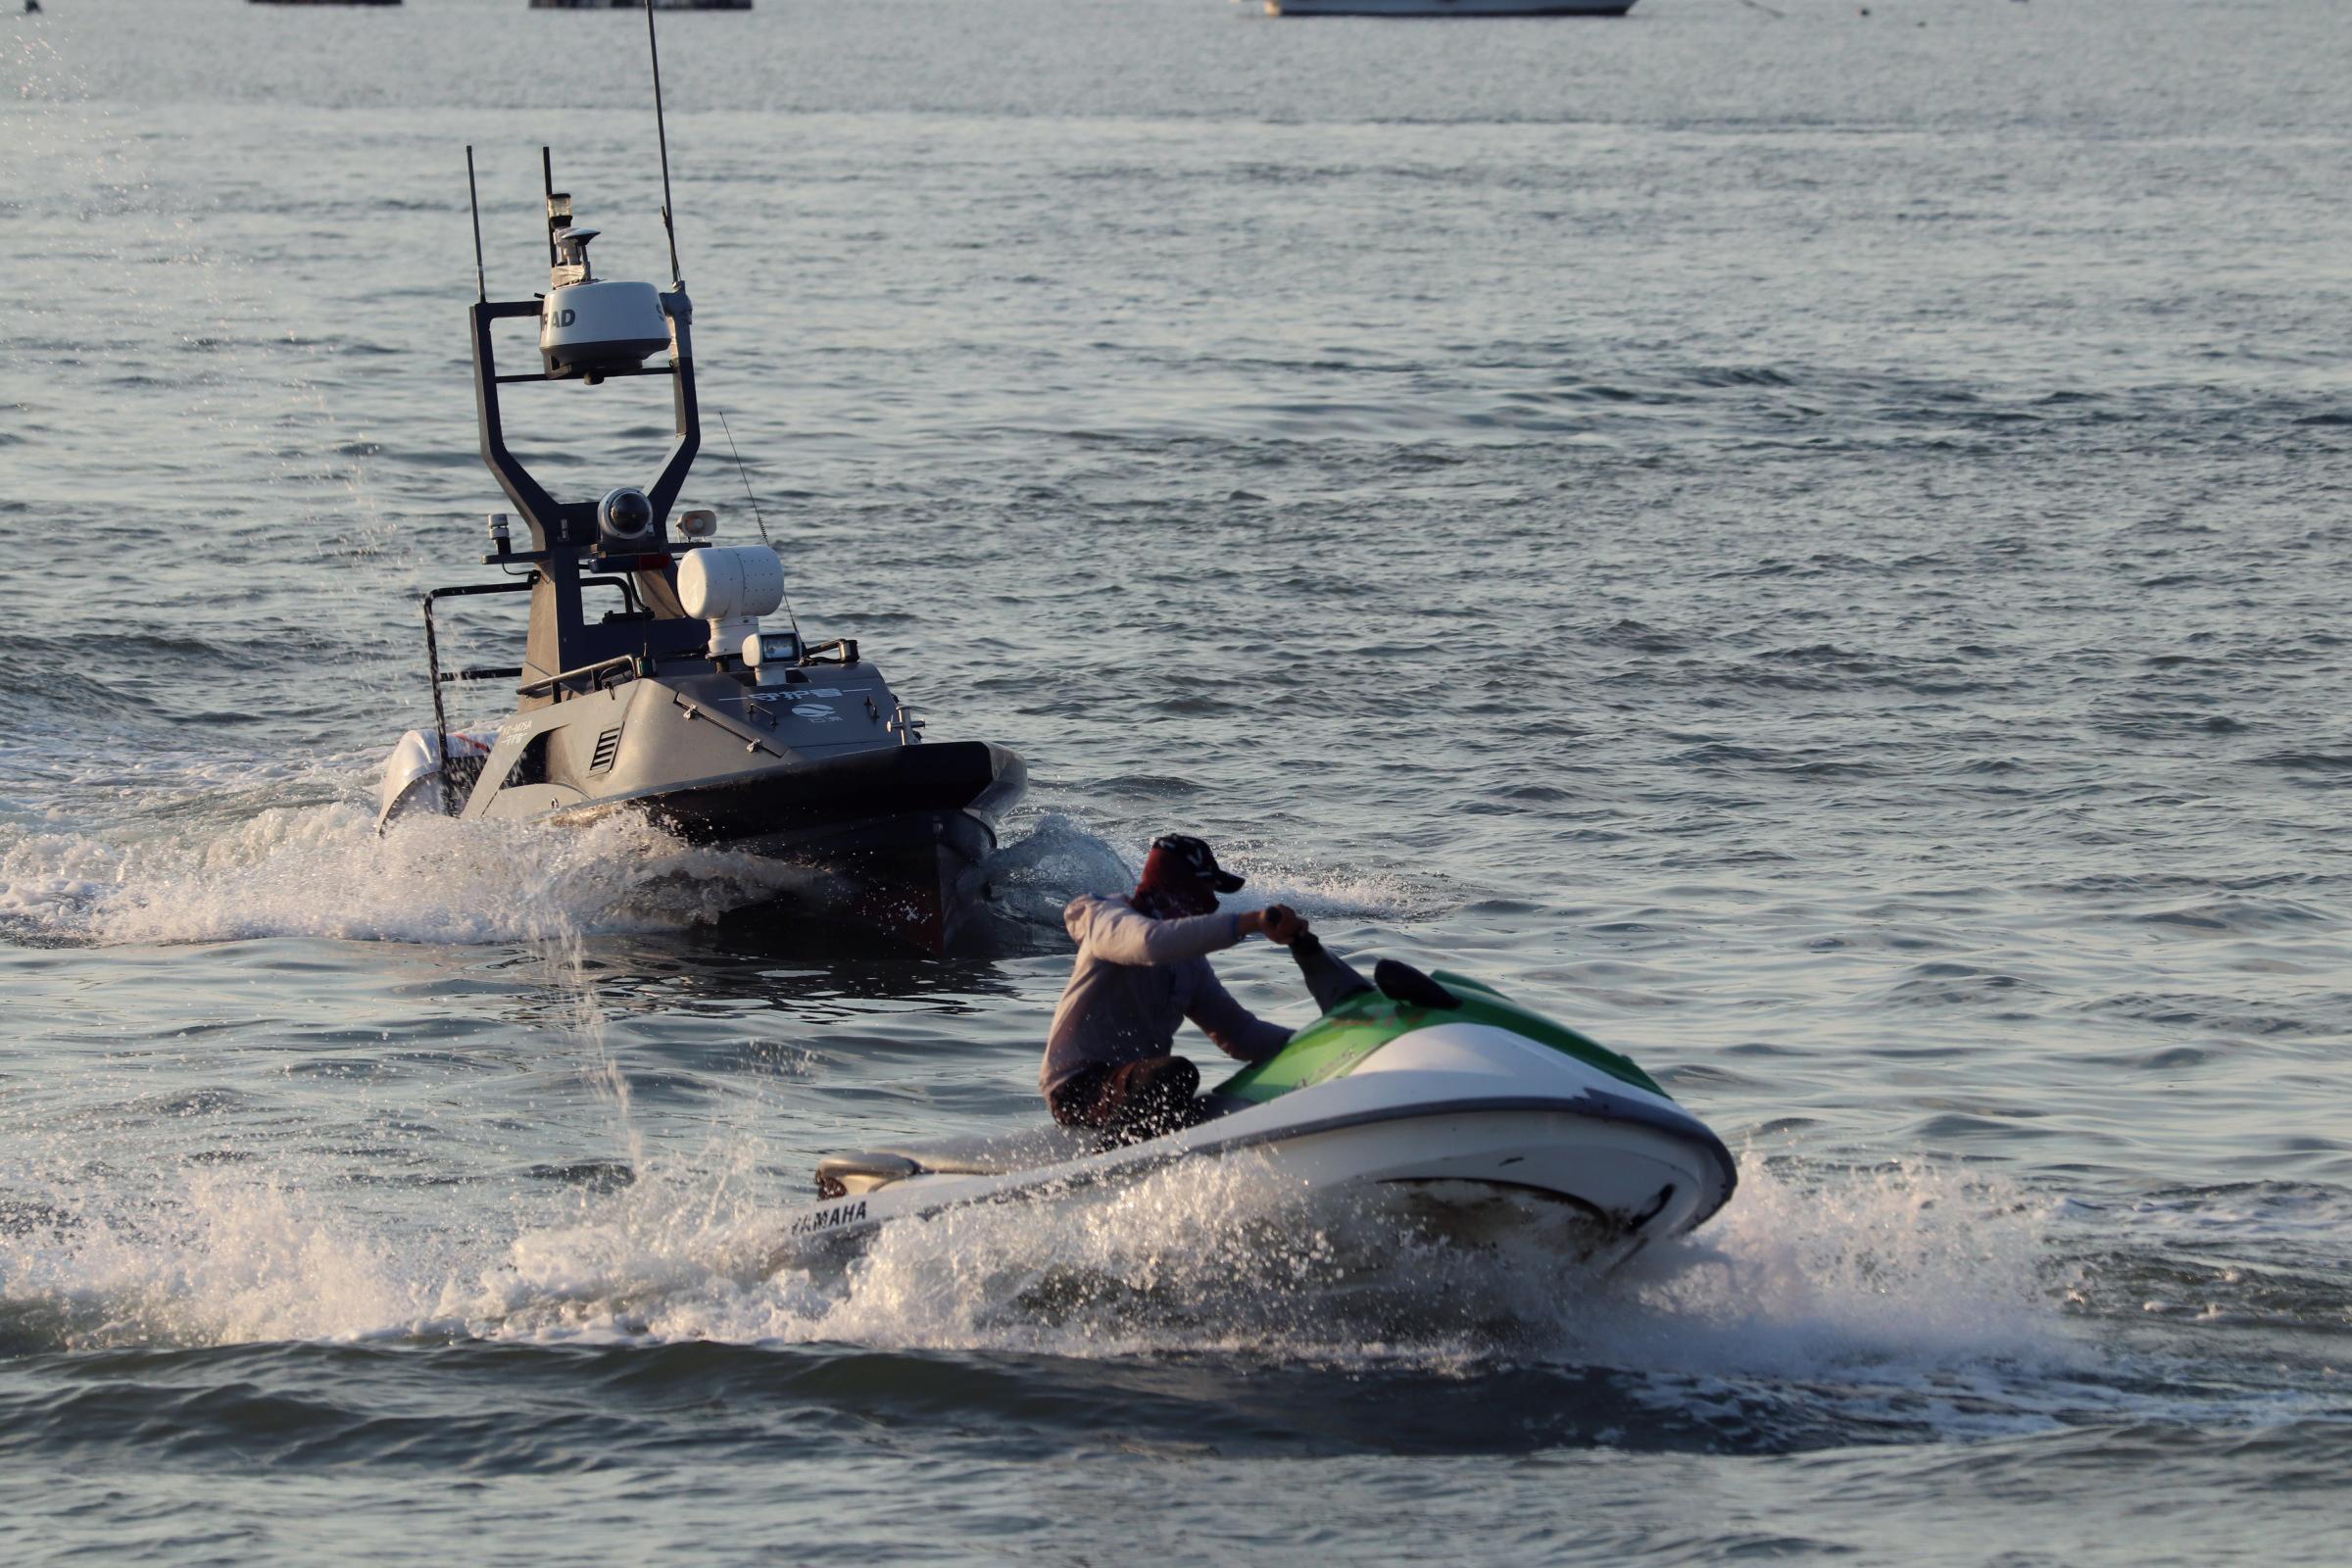 「守護者」號安防無人艇接到指令後快速追捕「走私犯」。